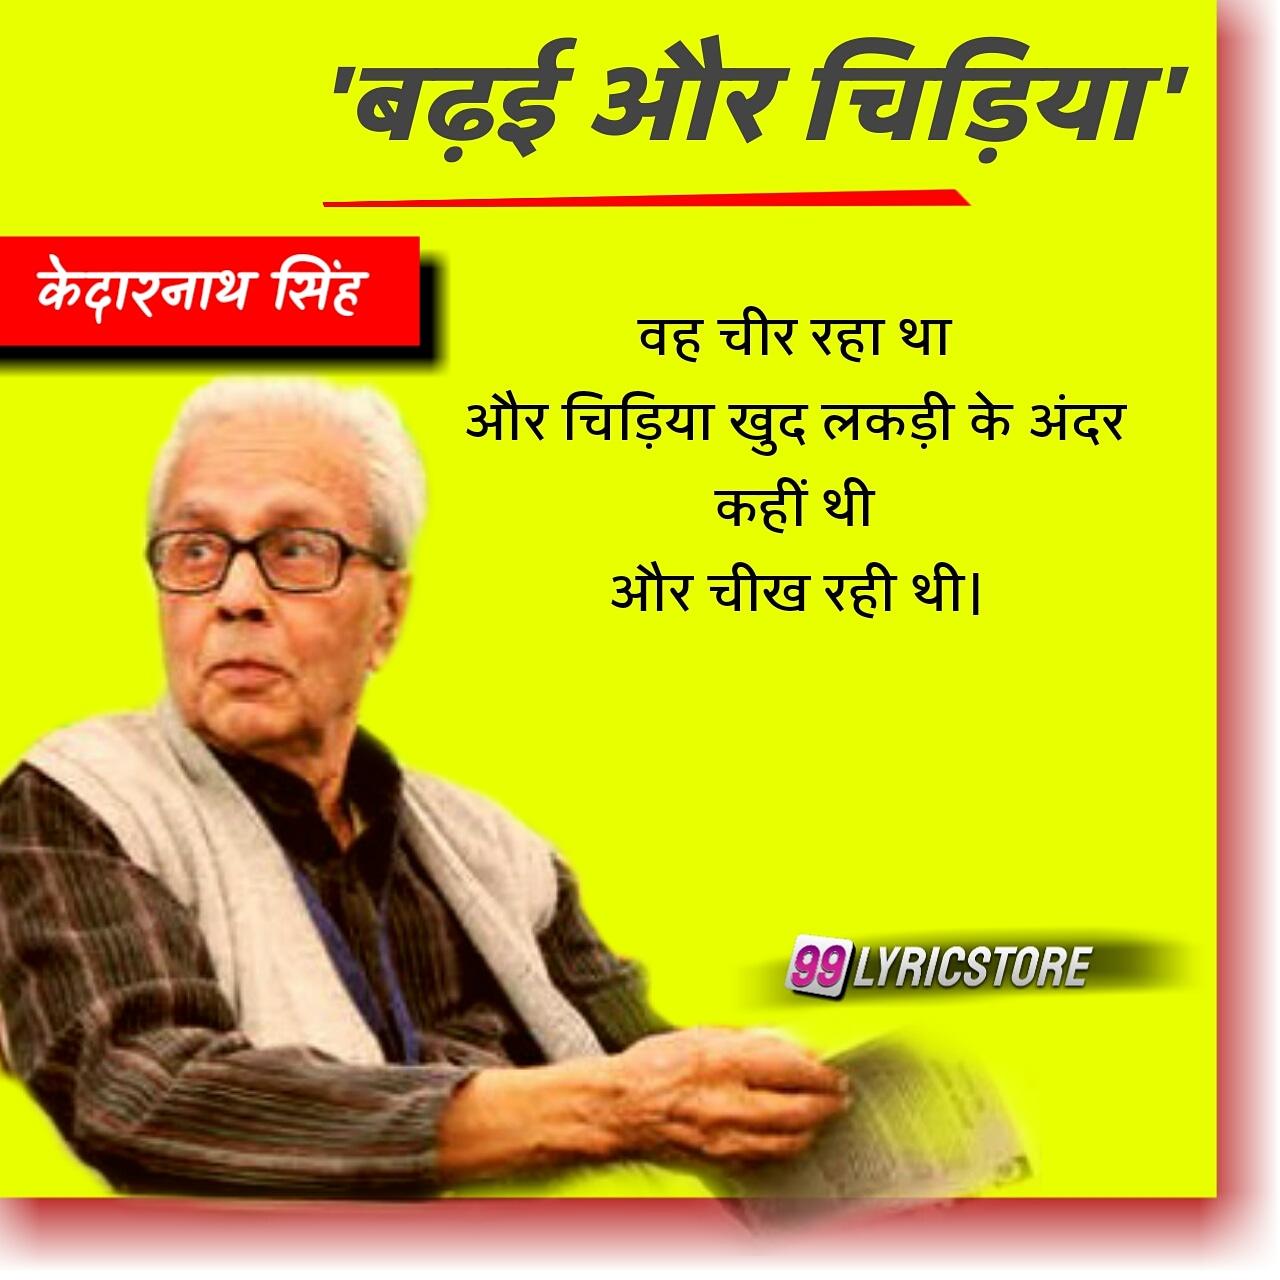 'बढ़ई और चिड़िया' कविता केदारनाथ सिंह जी द्वारा लिखी गई एक हिन्दी कविता है।